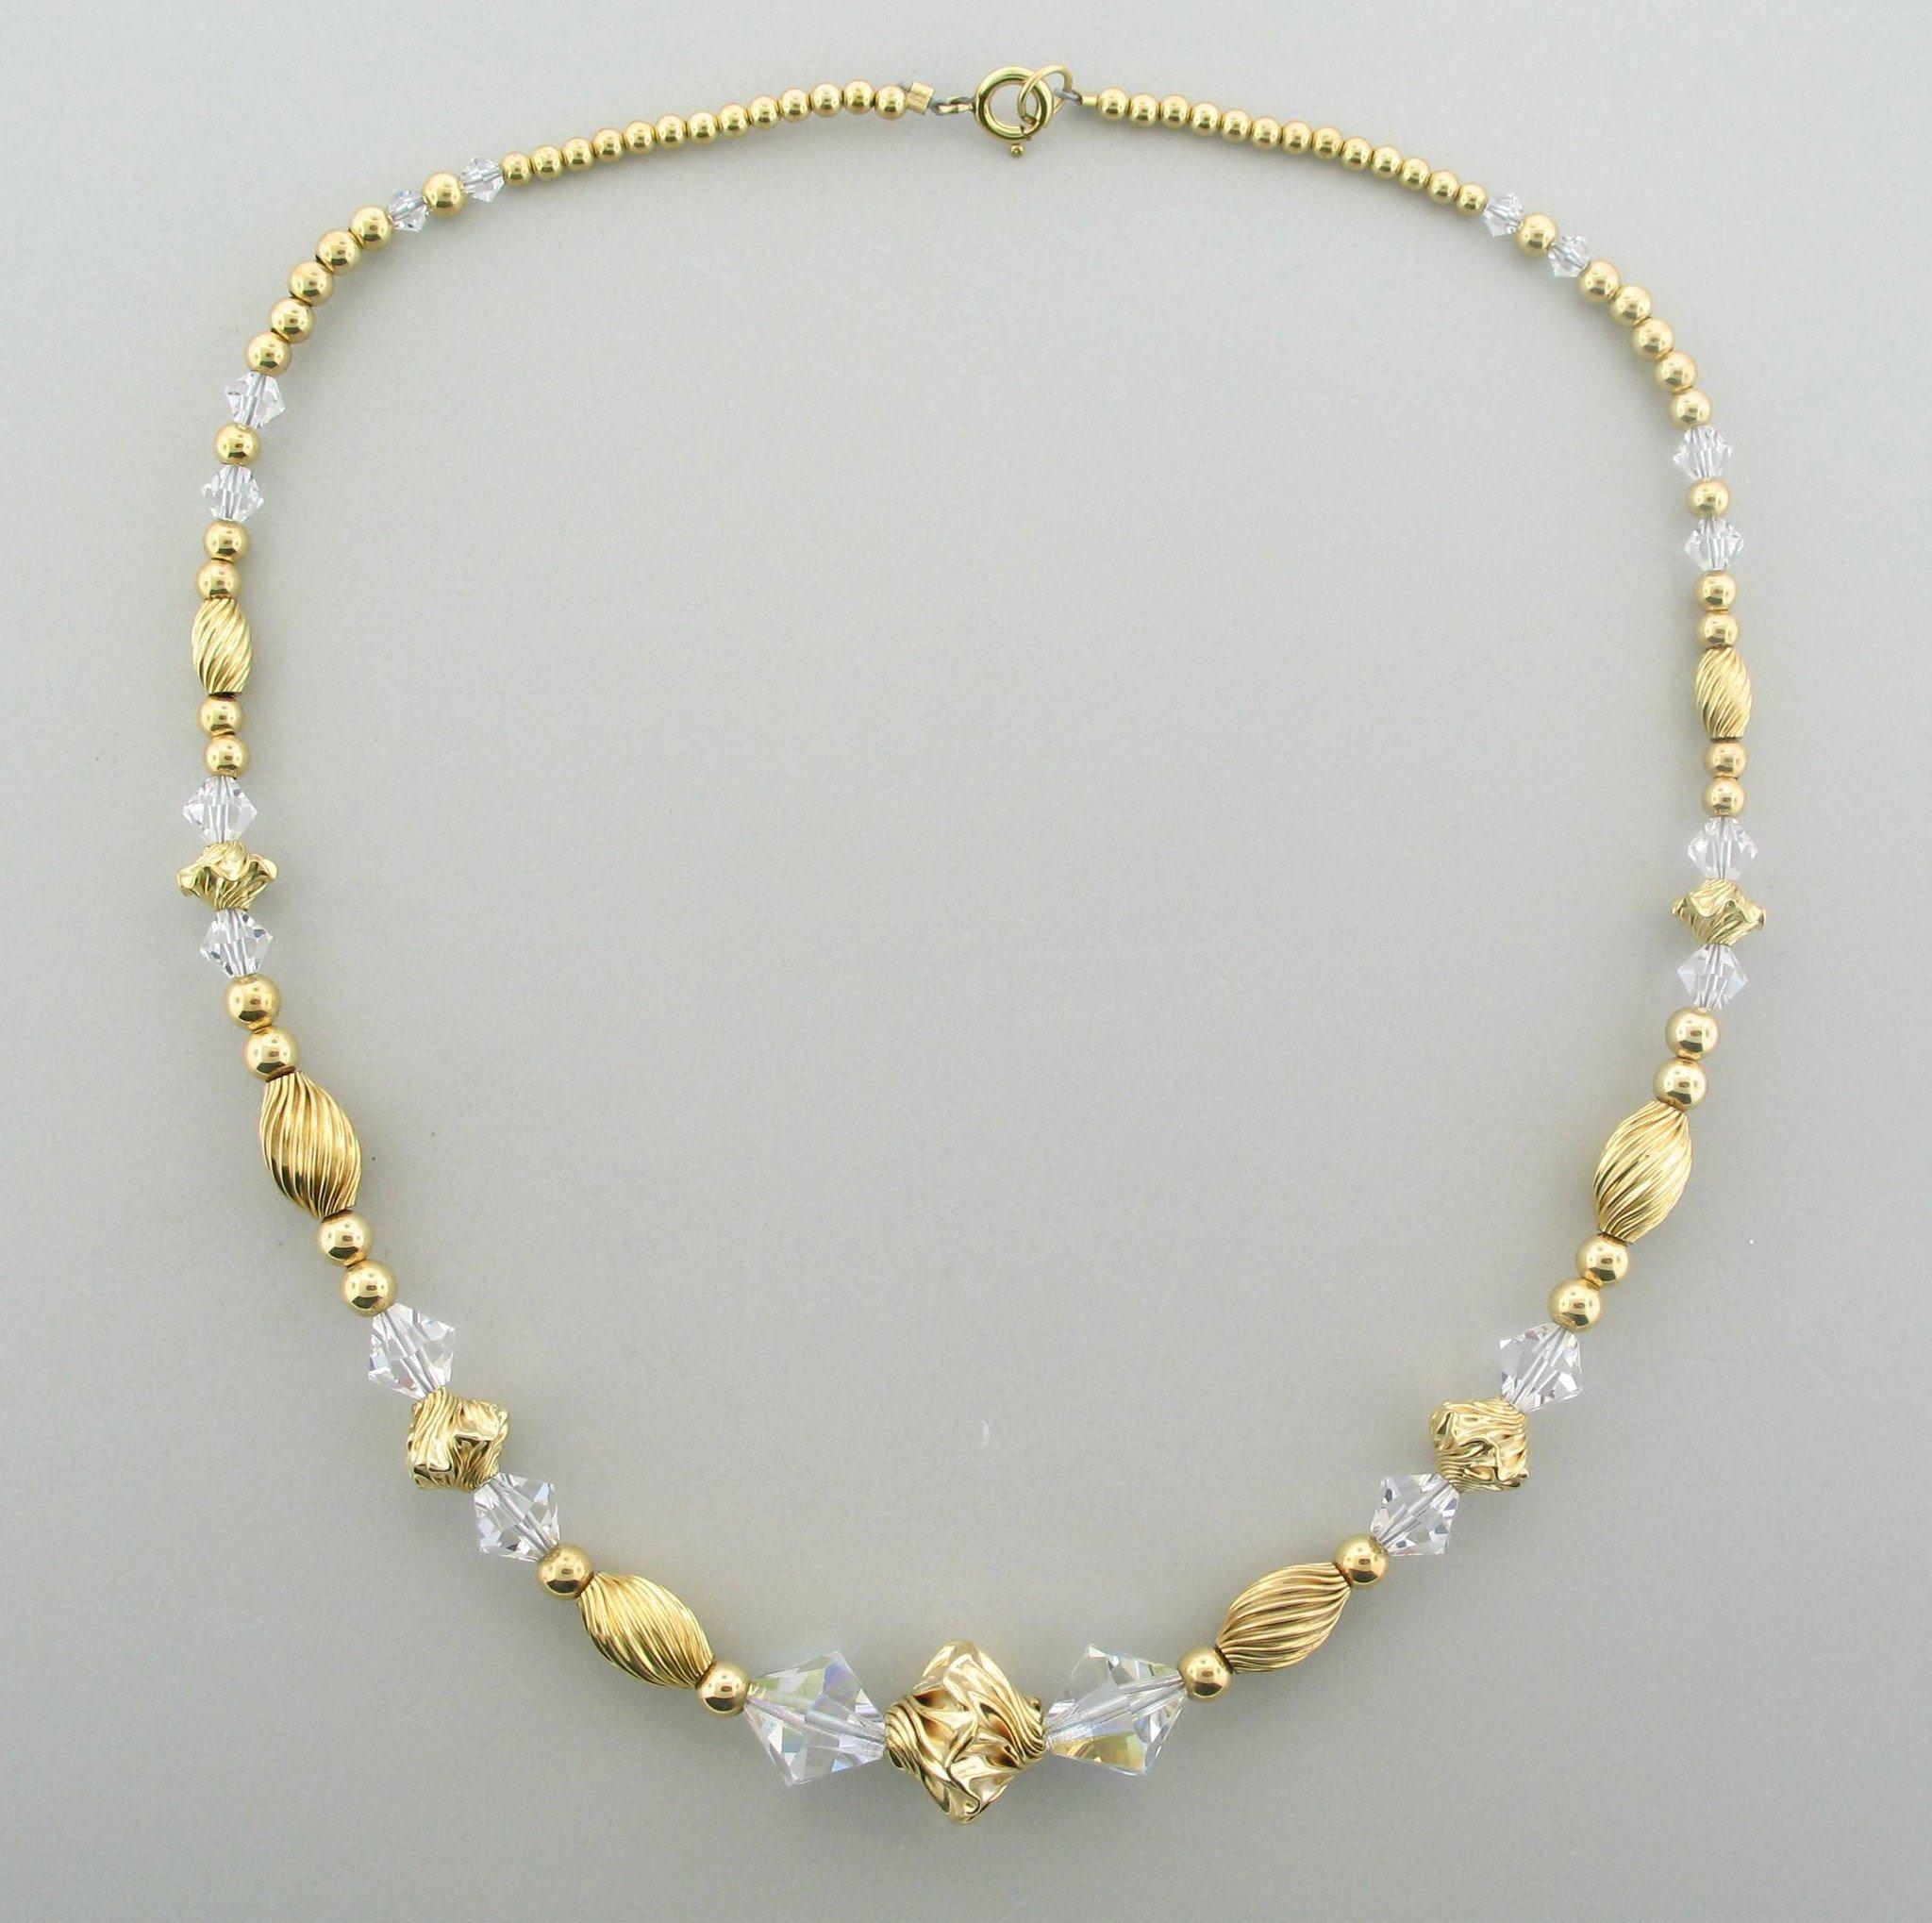 Do Swarovski Crystals have Resale Value?